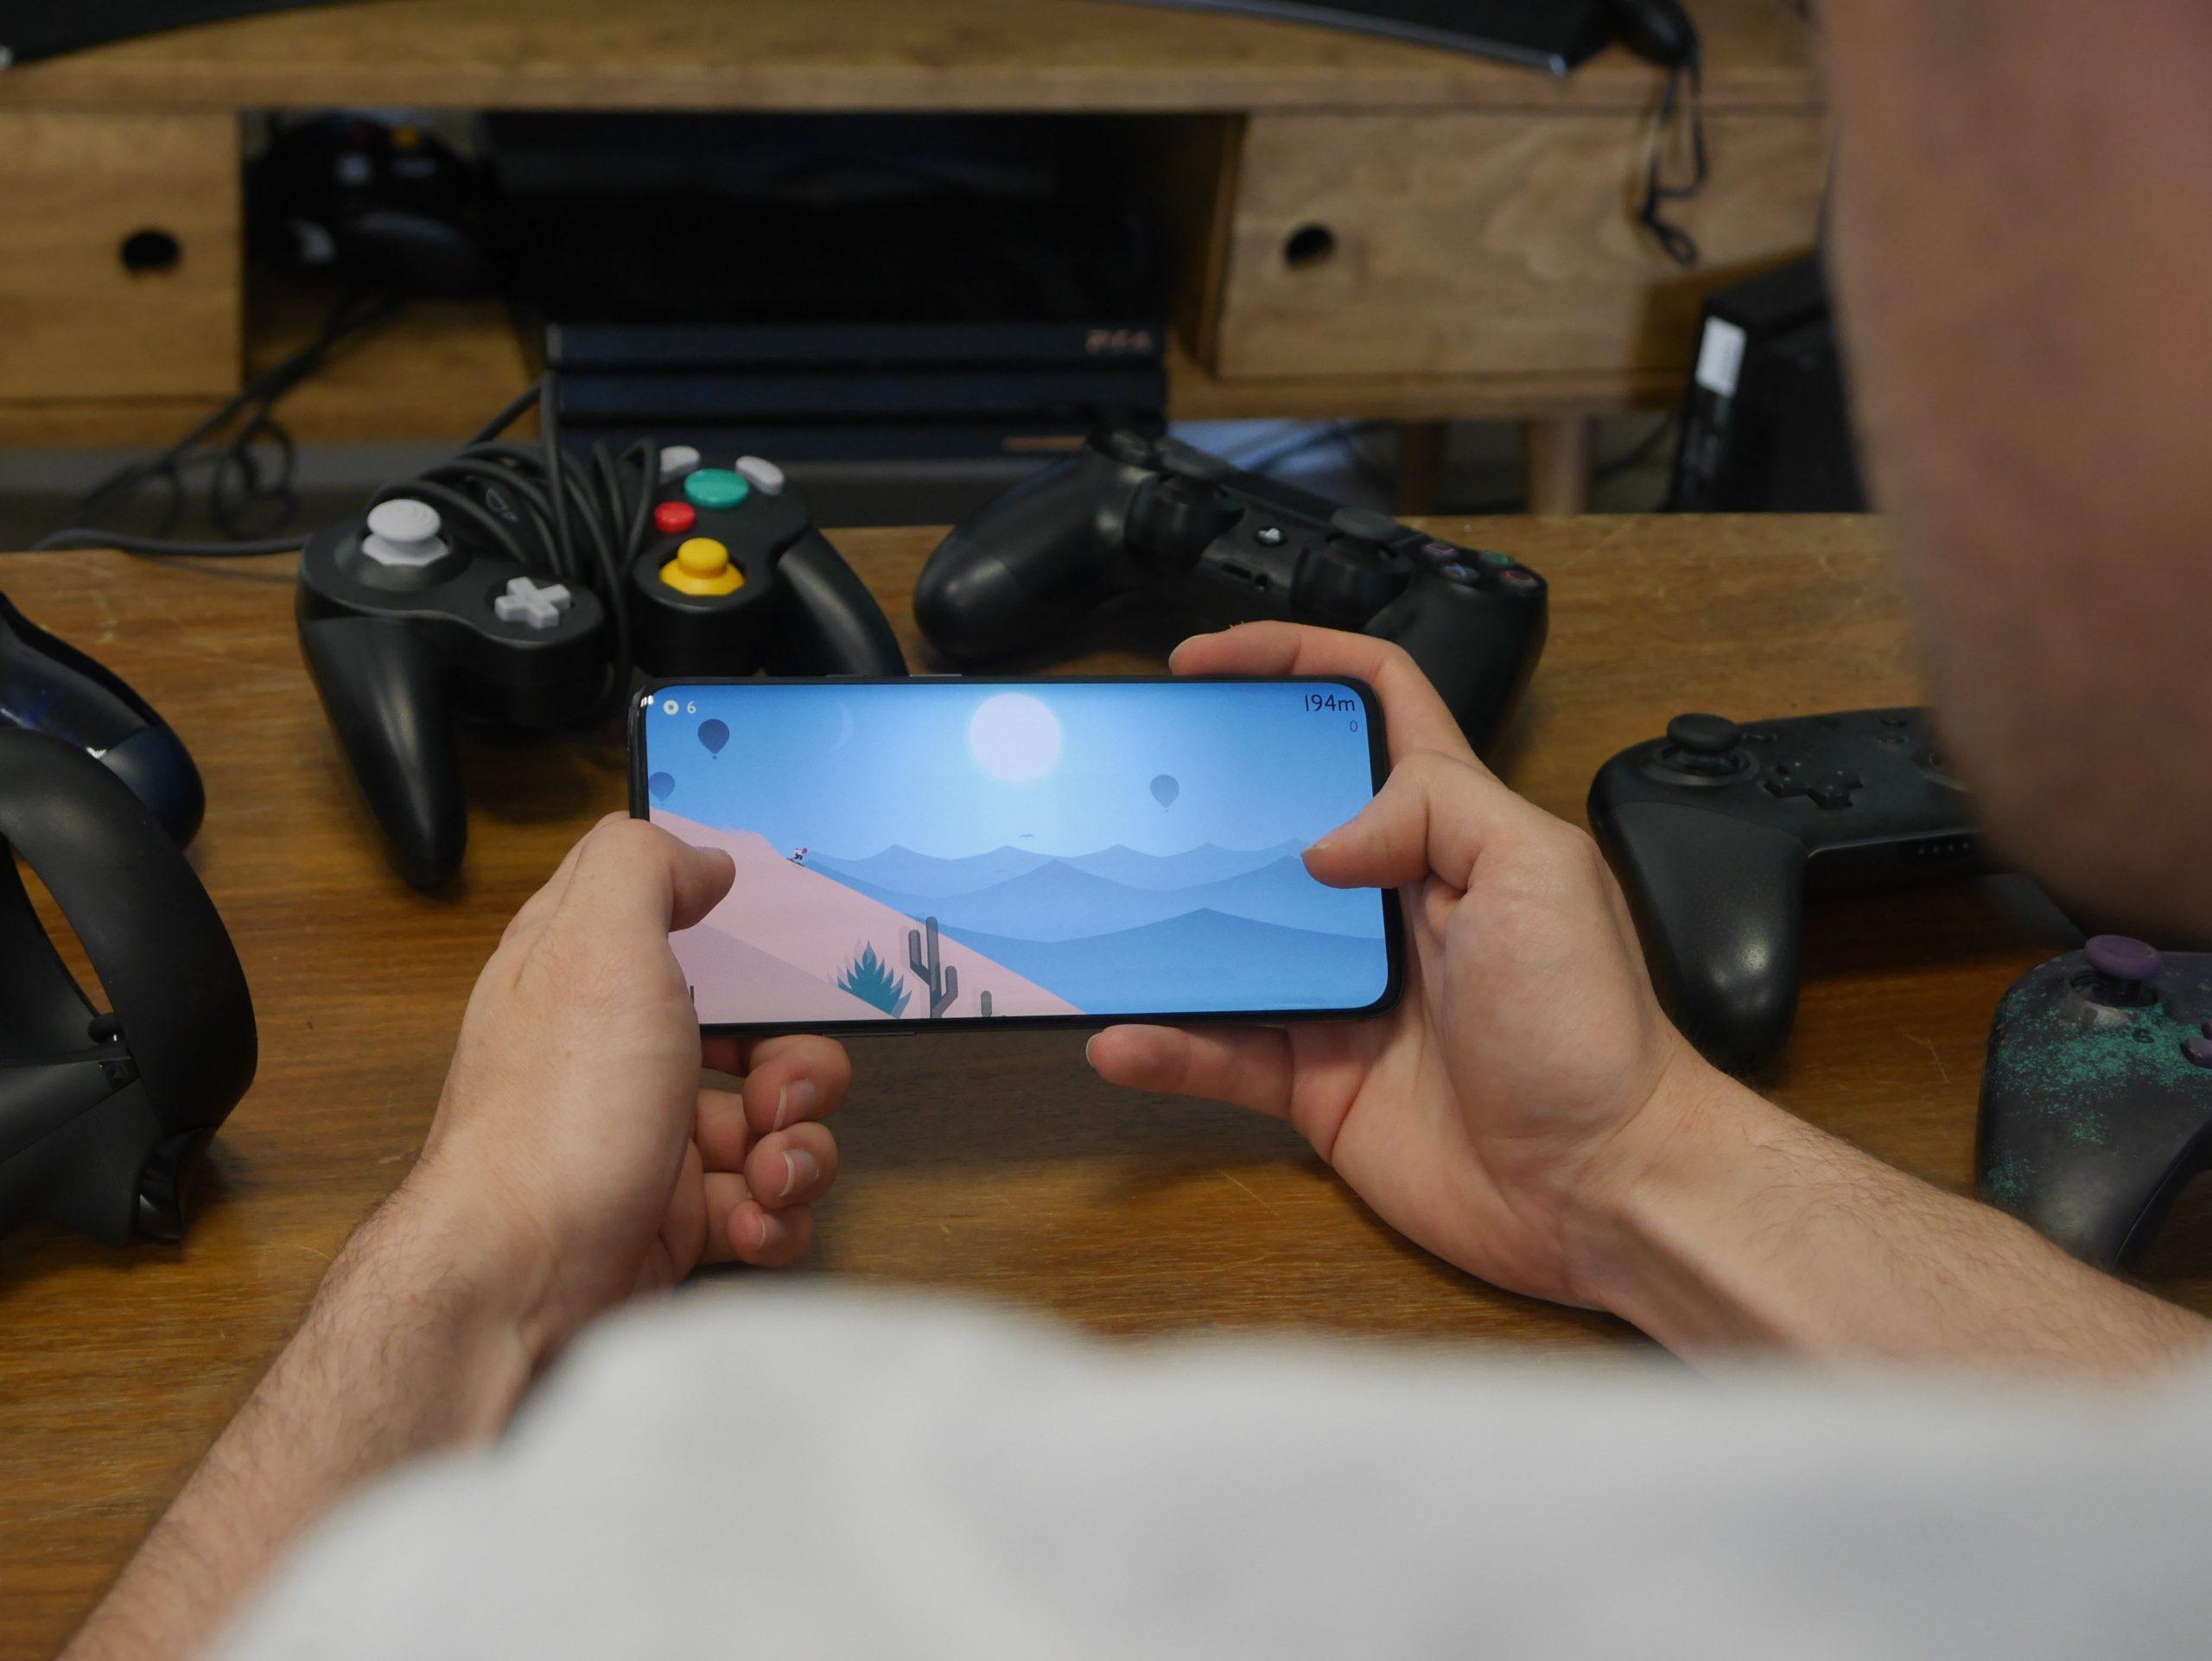 Les Meilleurs Jeux Gratuits Sur Android En 2020 tout Jeux De Casse Brique Gratuit En Ligne